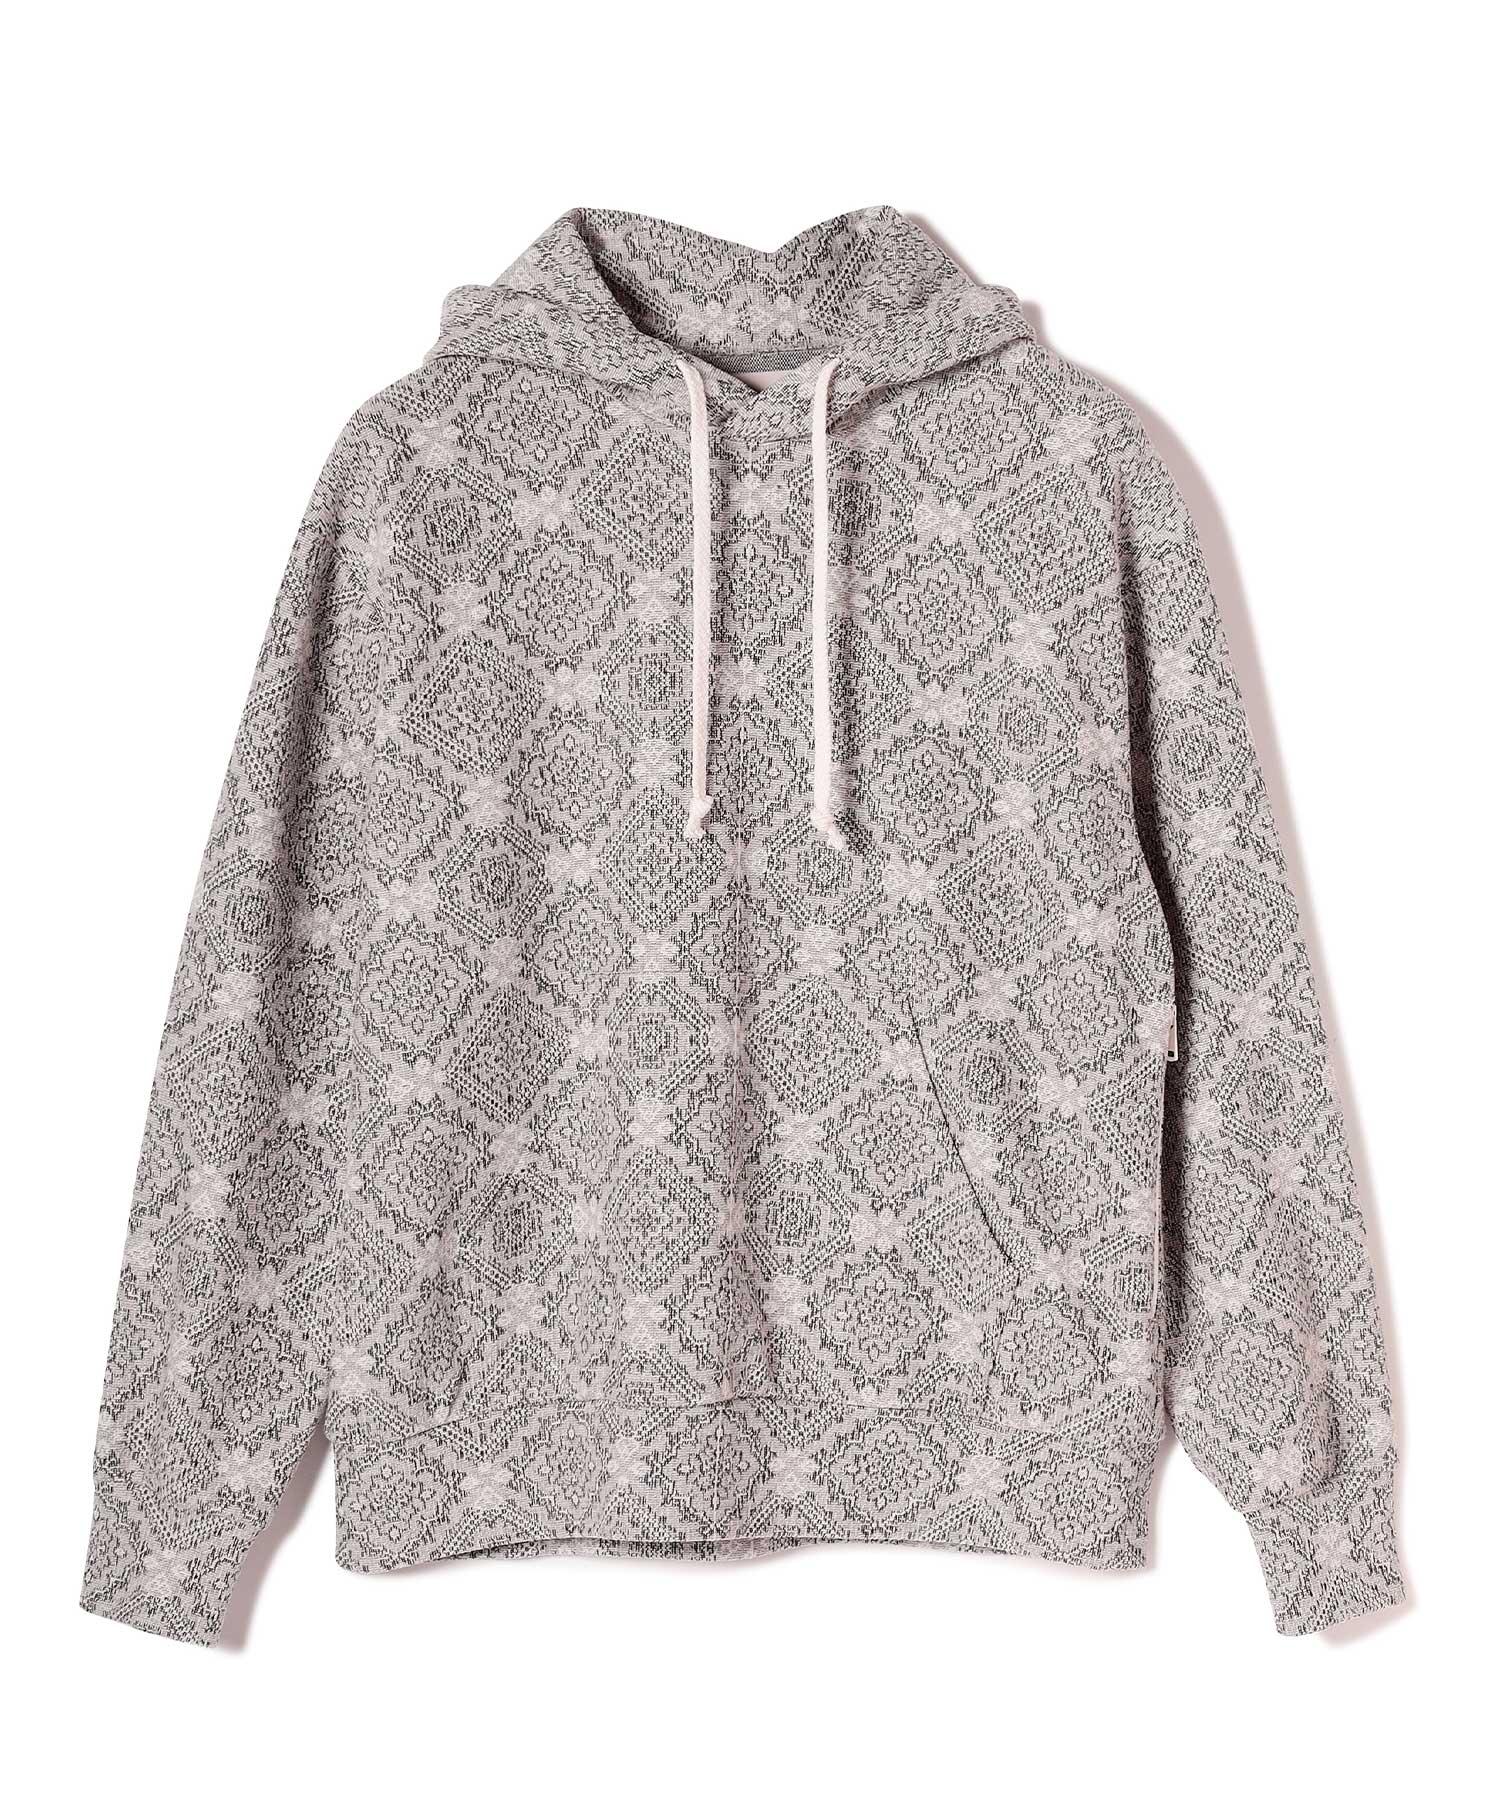 Seagreen RUG JACQUARD hoodie